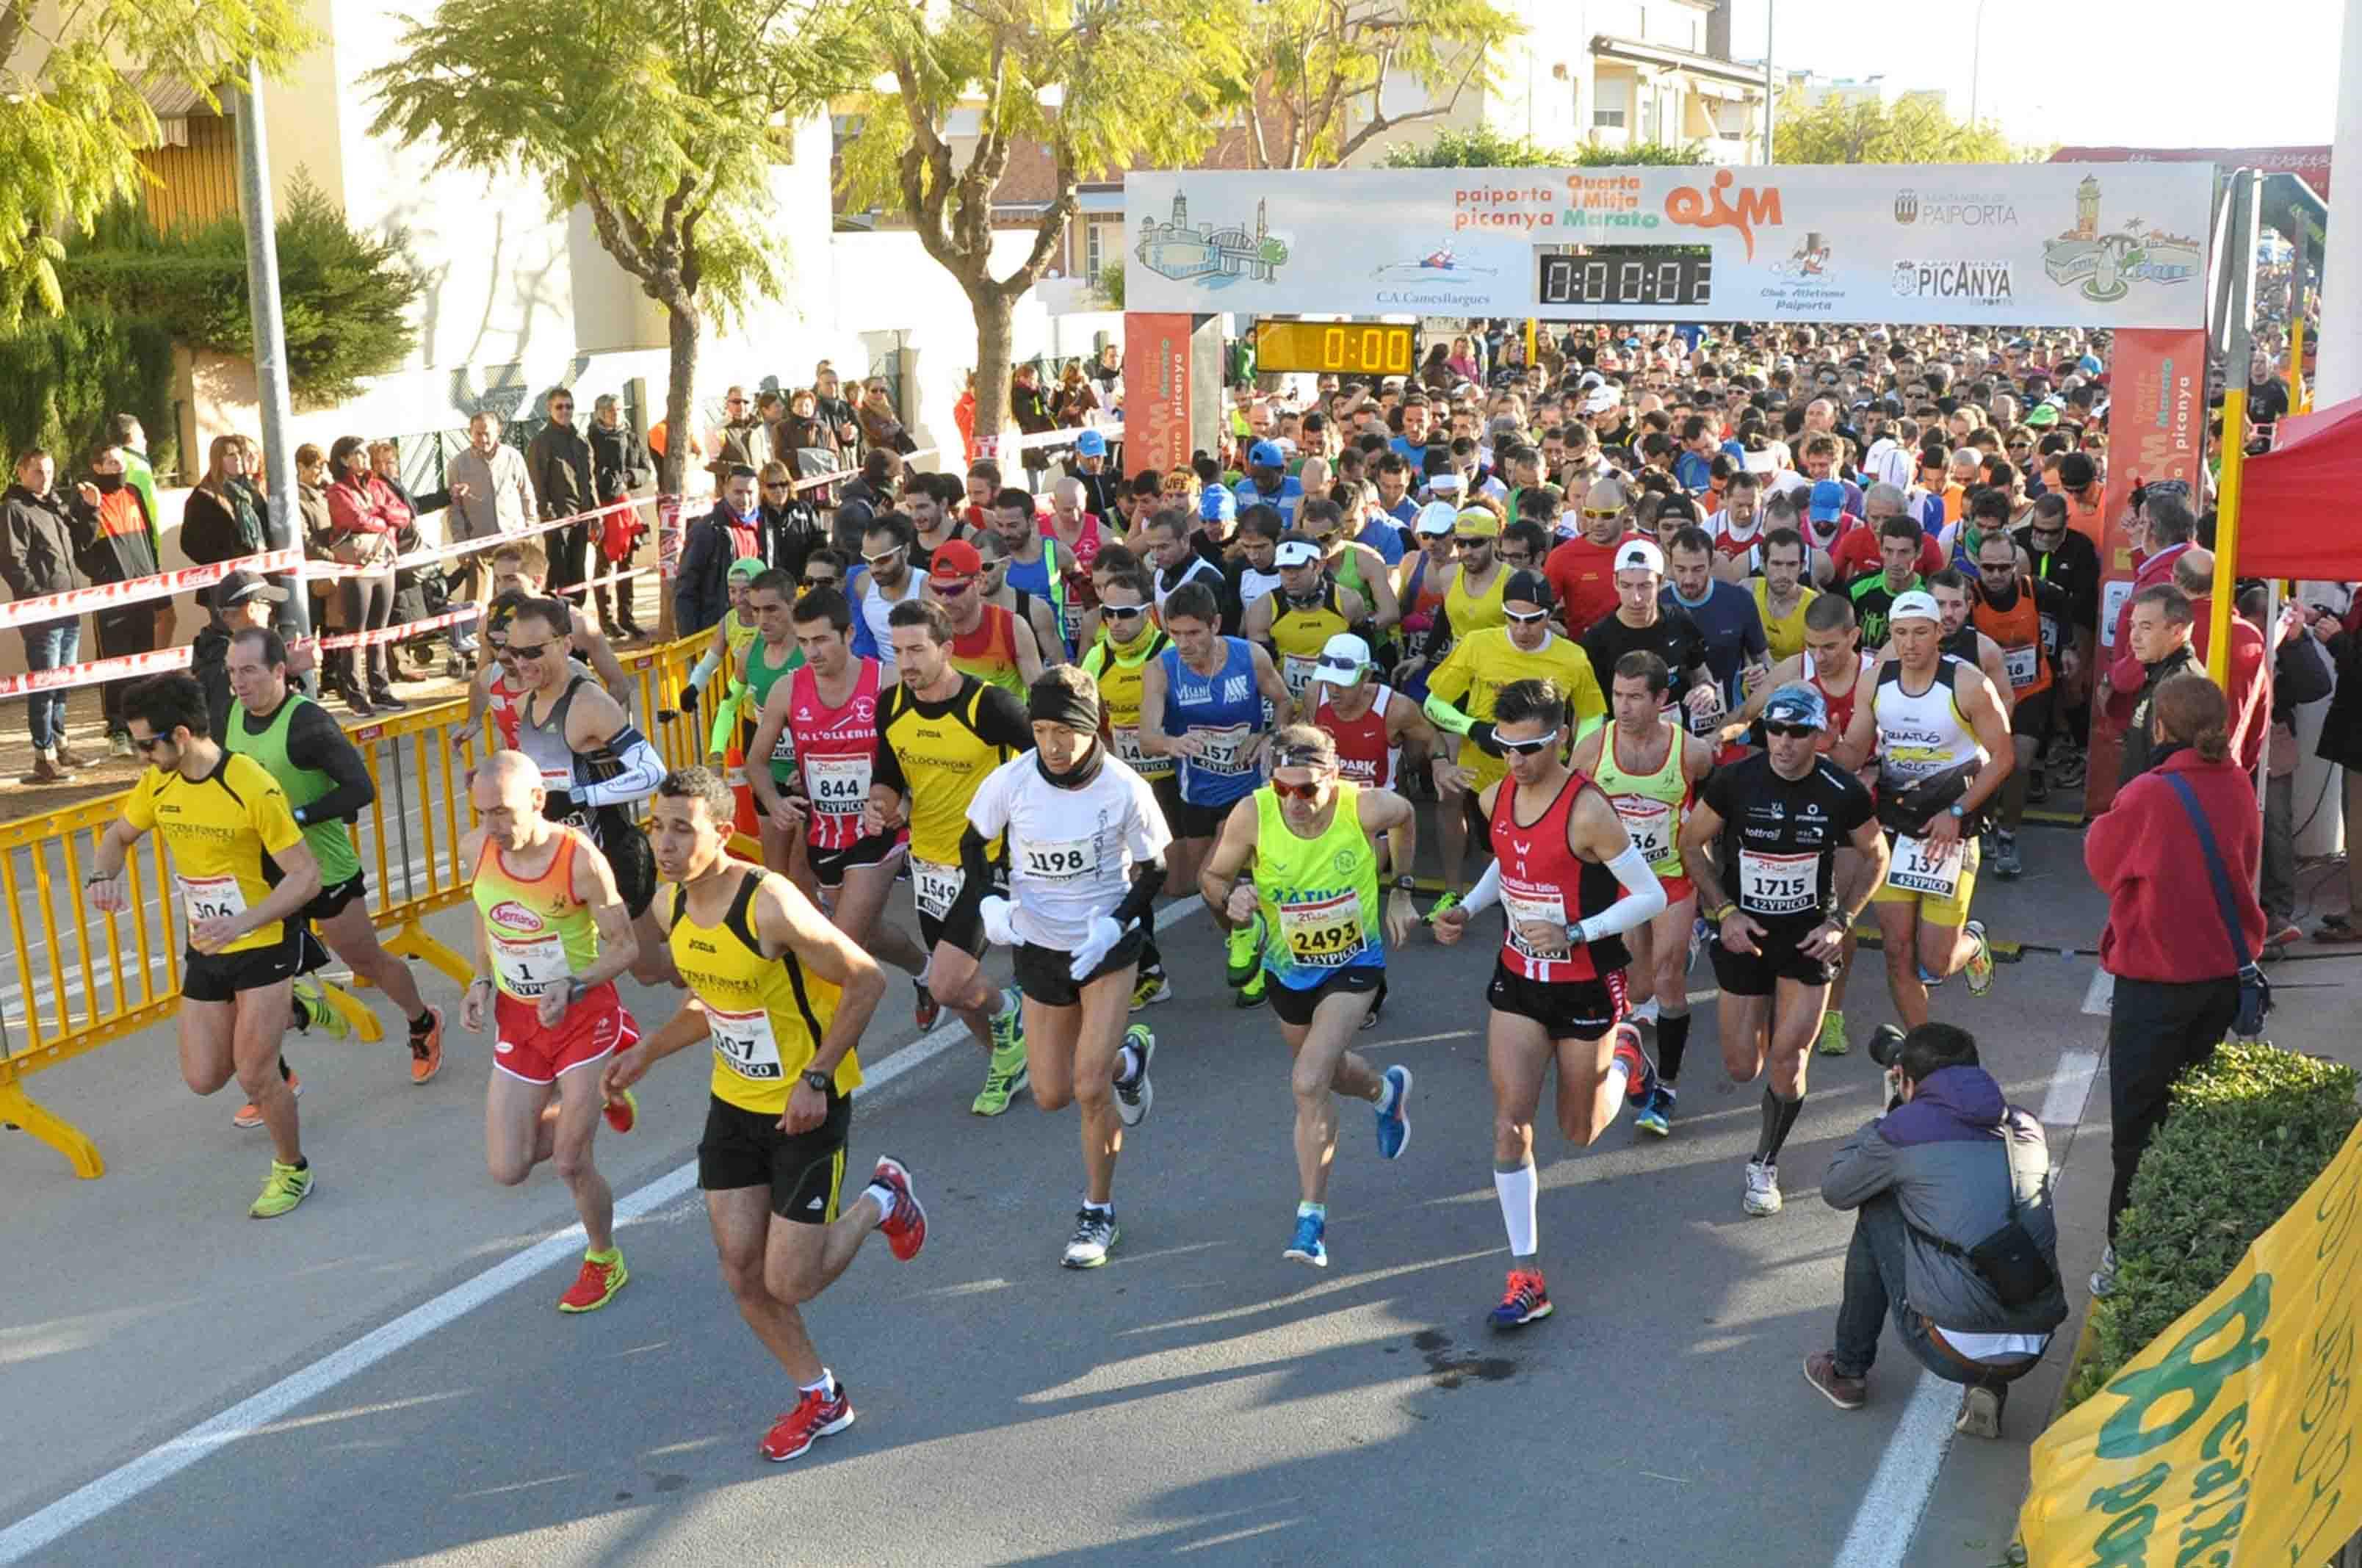 Ya puedes inscribirte para participar en la 'Quarta i Mitja Marató' Paiporta-Picanya